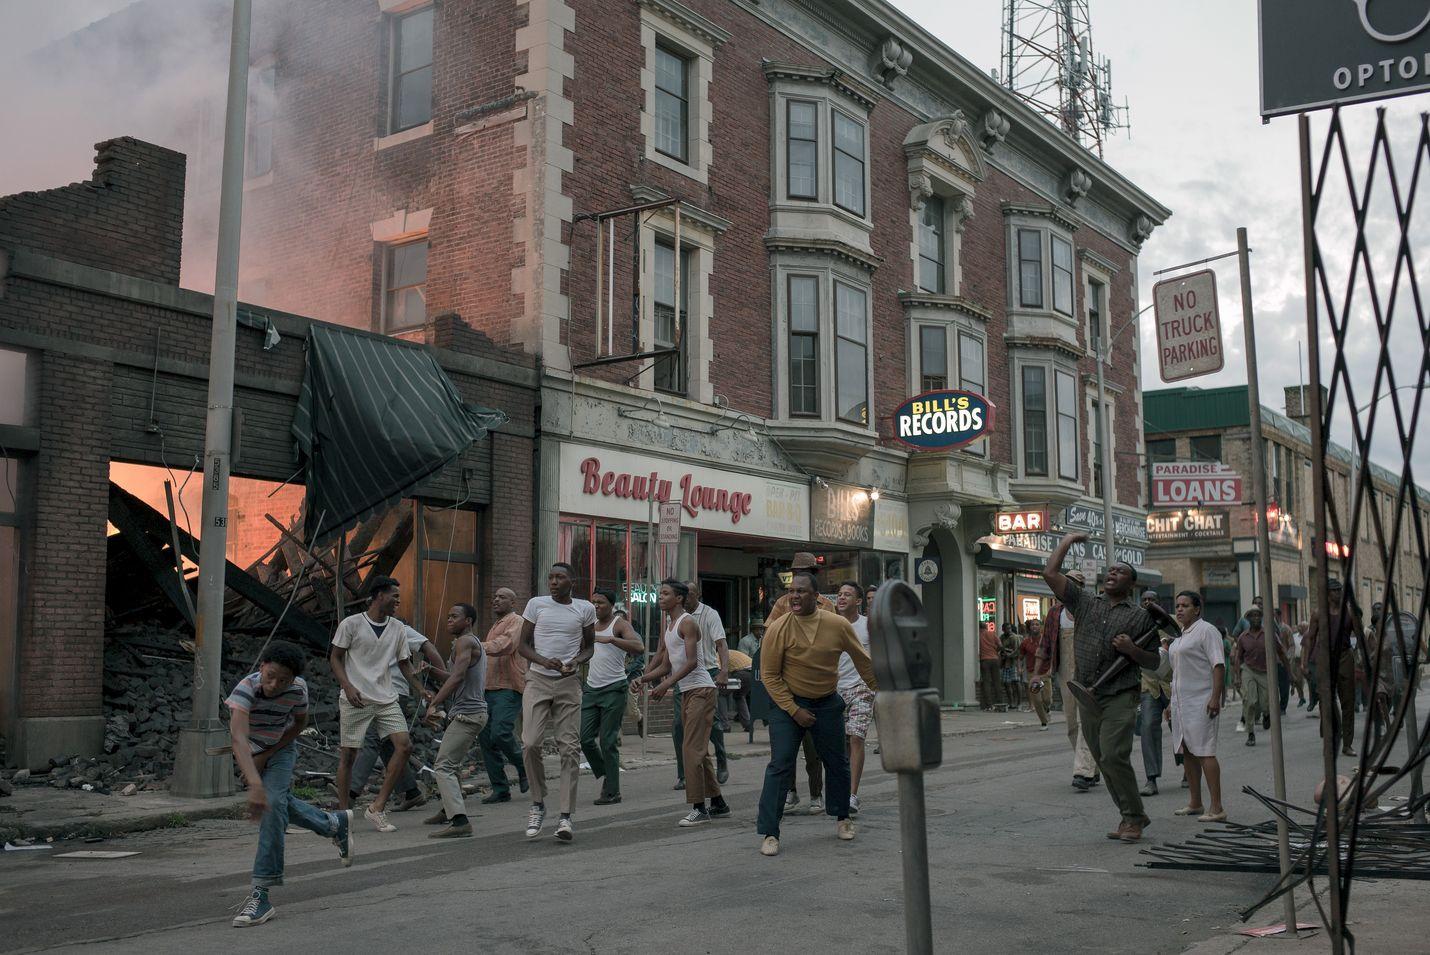 Elokuva kertoo vuodesta 1967, jolloin detroitilaisessa motellissa tapahtuneen väkivallanteon seurauksena rotumellakat muuttivat Detroitin kadut kuin sotanäyttämöksi vuonna 1967.